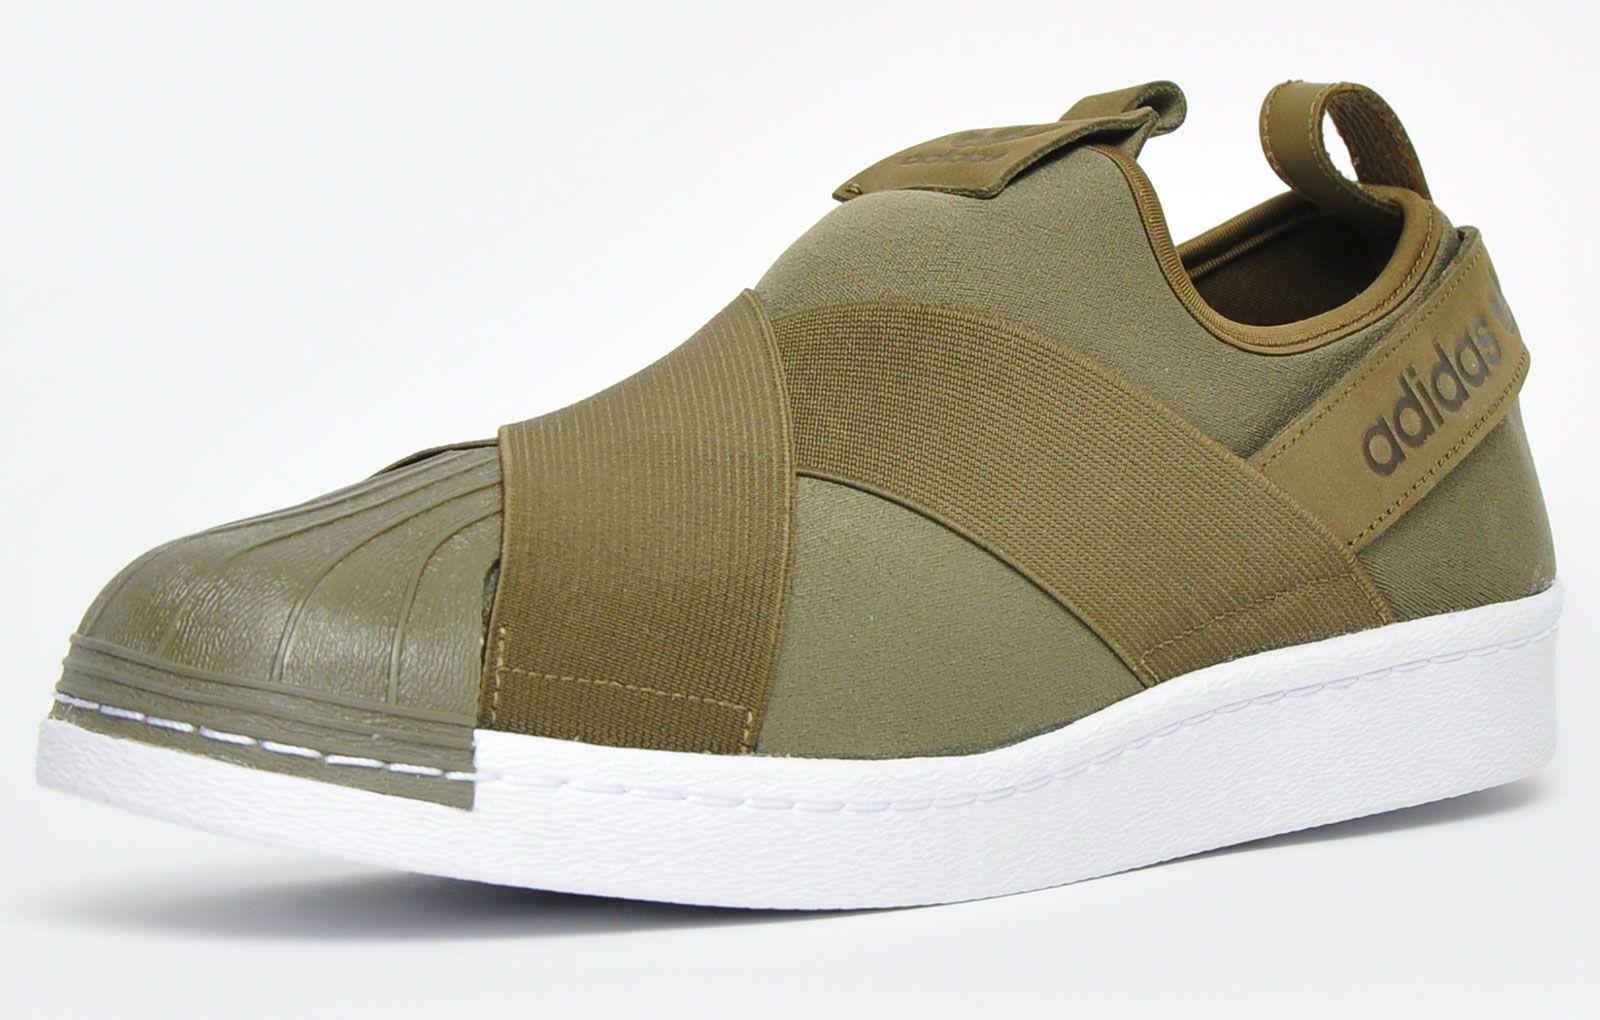 Adidas Originals Superstar Slip On Mens